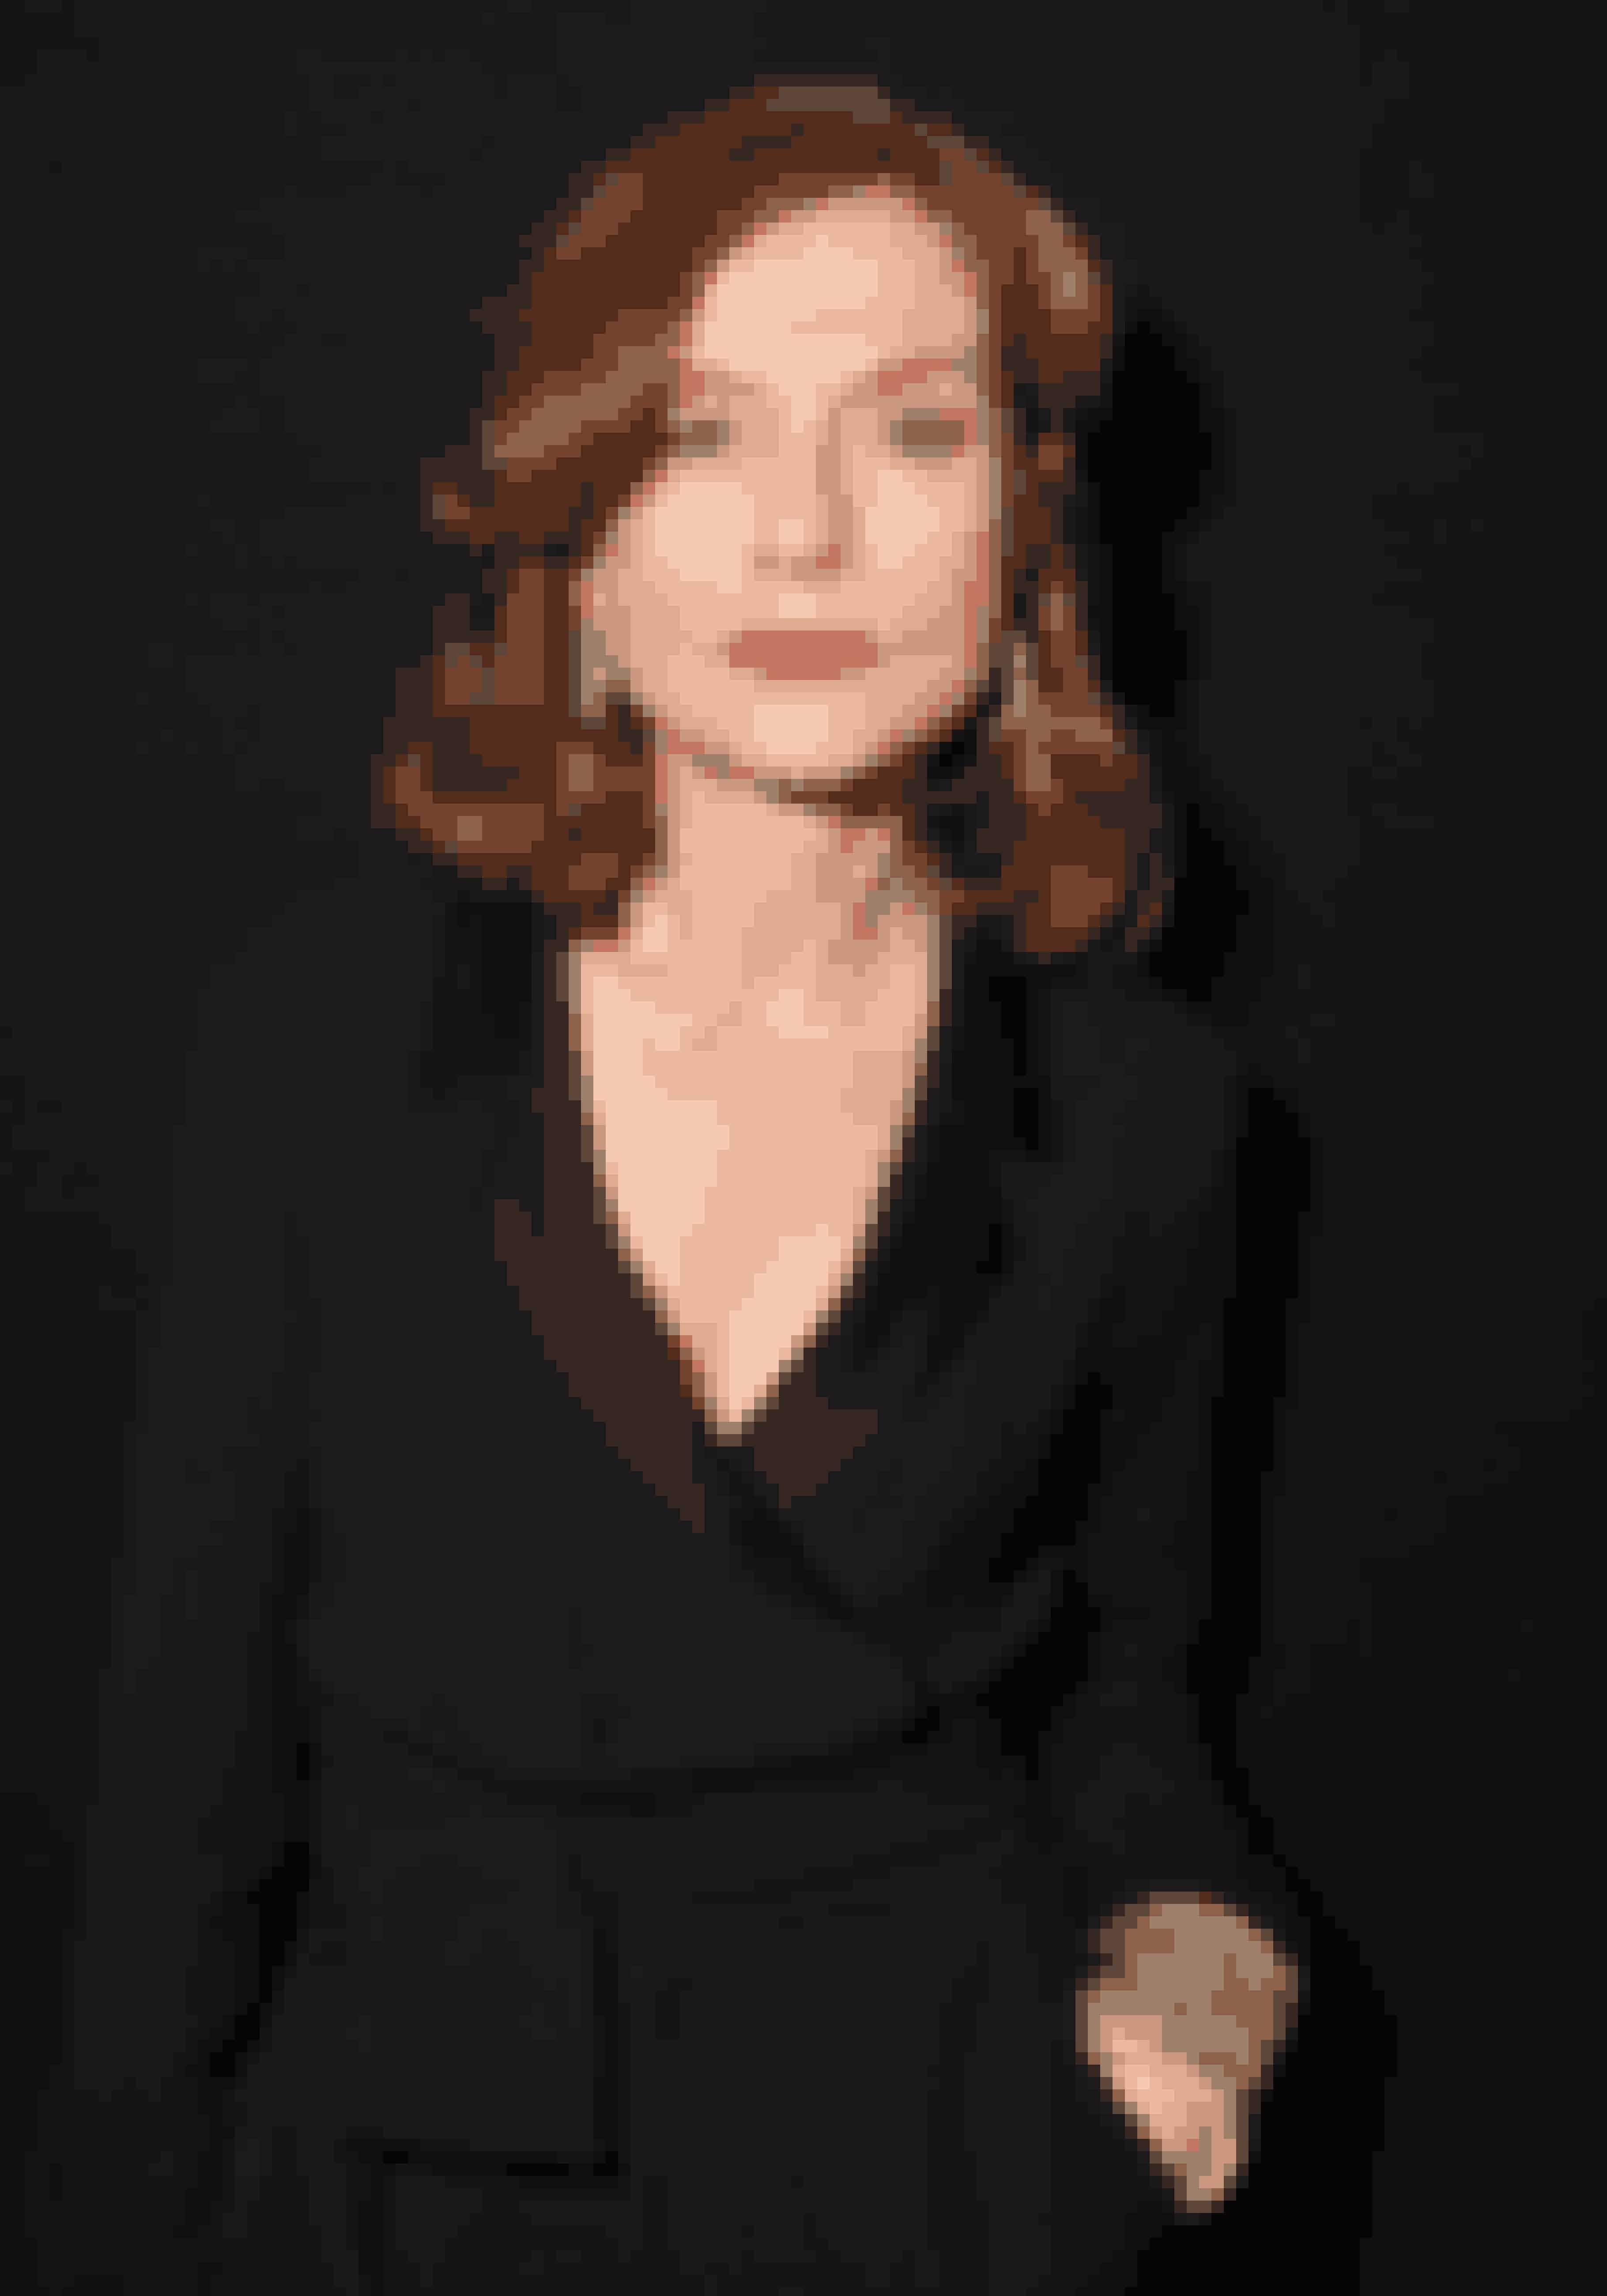 Isabelle Huppert er en fransk skuespiller og stilikon.